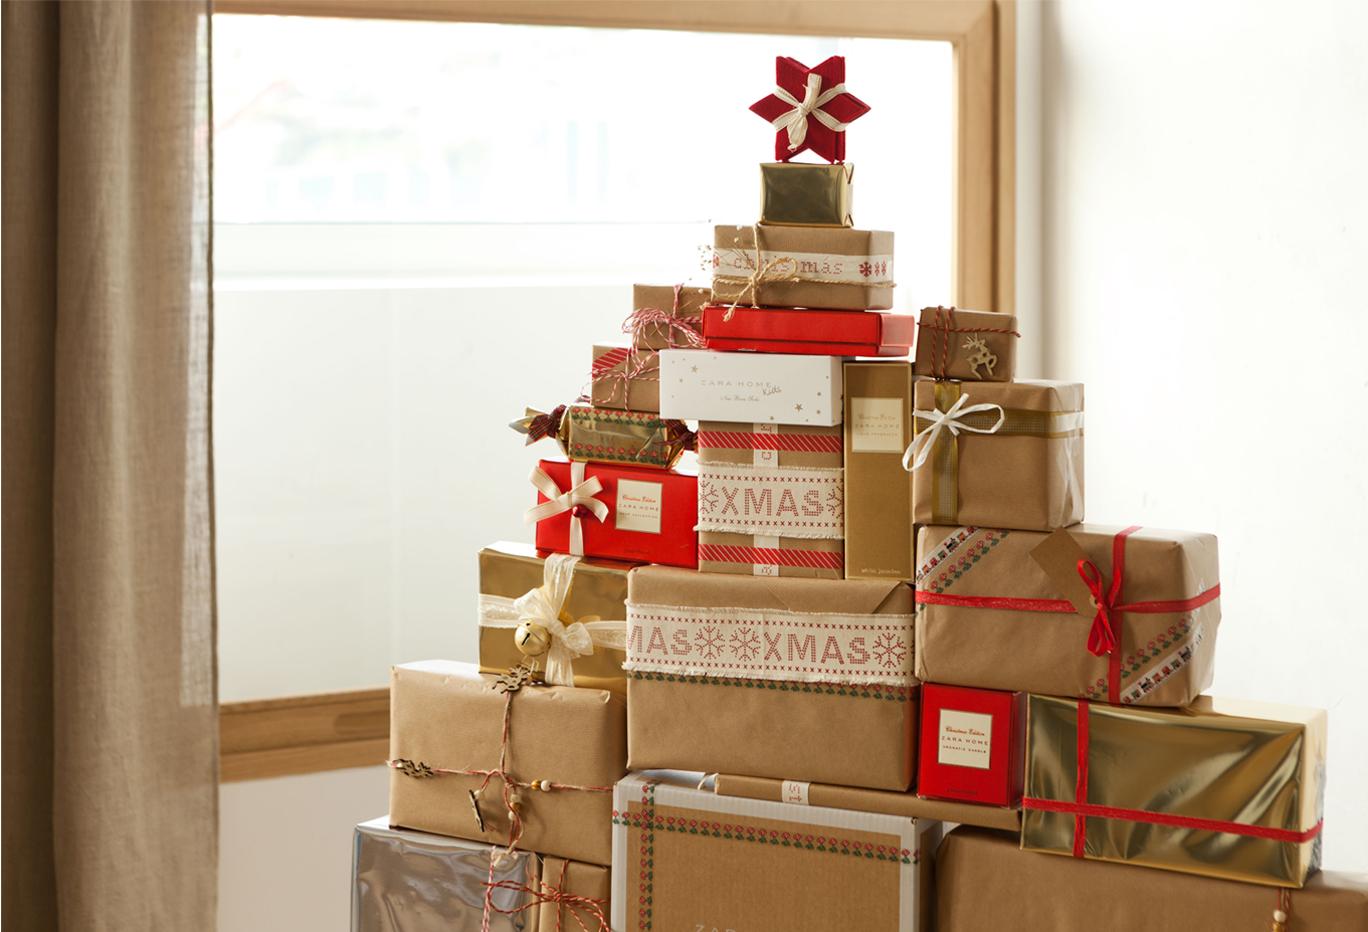 j ai un moyen d offrir un cadeau noel original. Black Bedroom Furniture Sets. Home Design Ideas